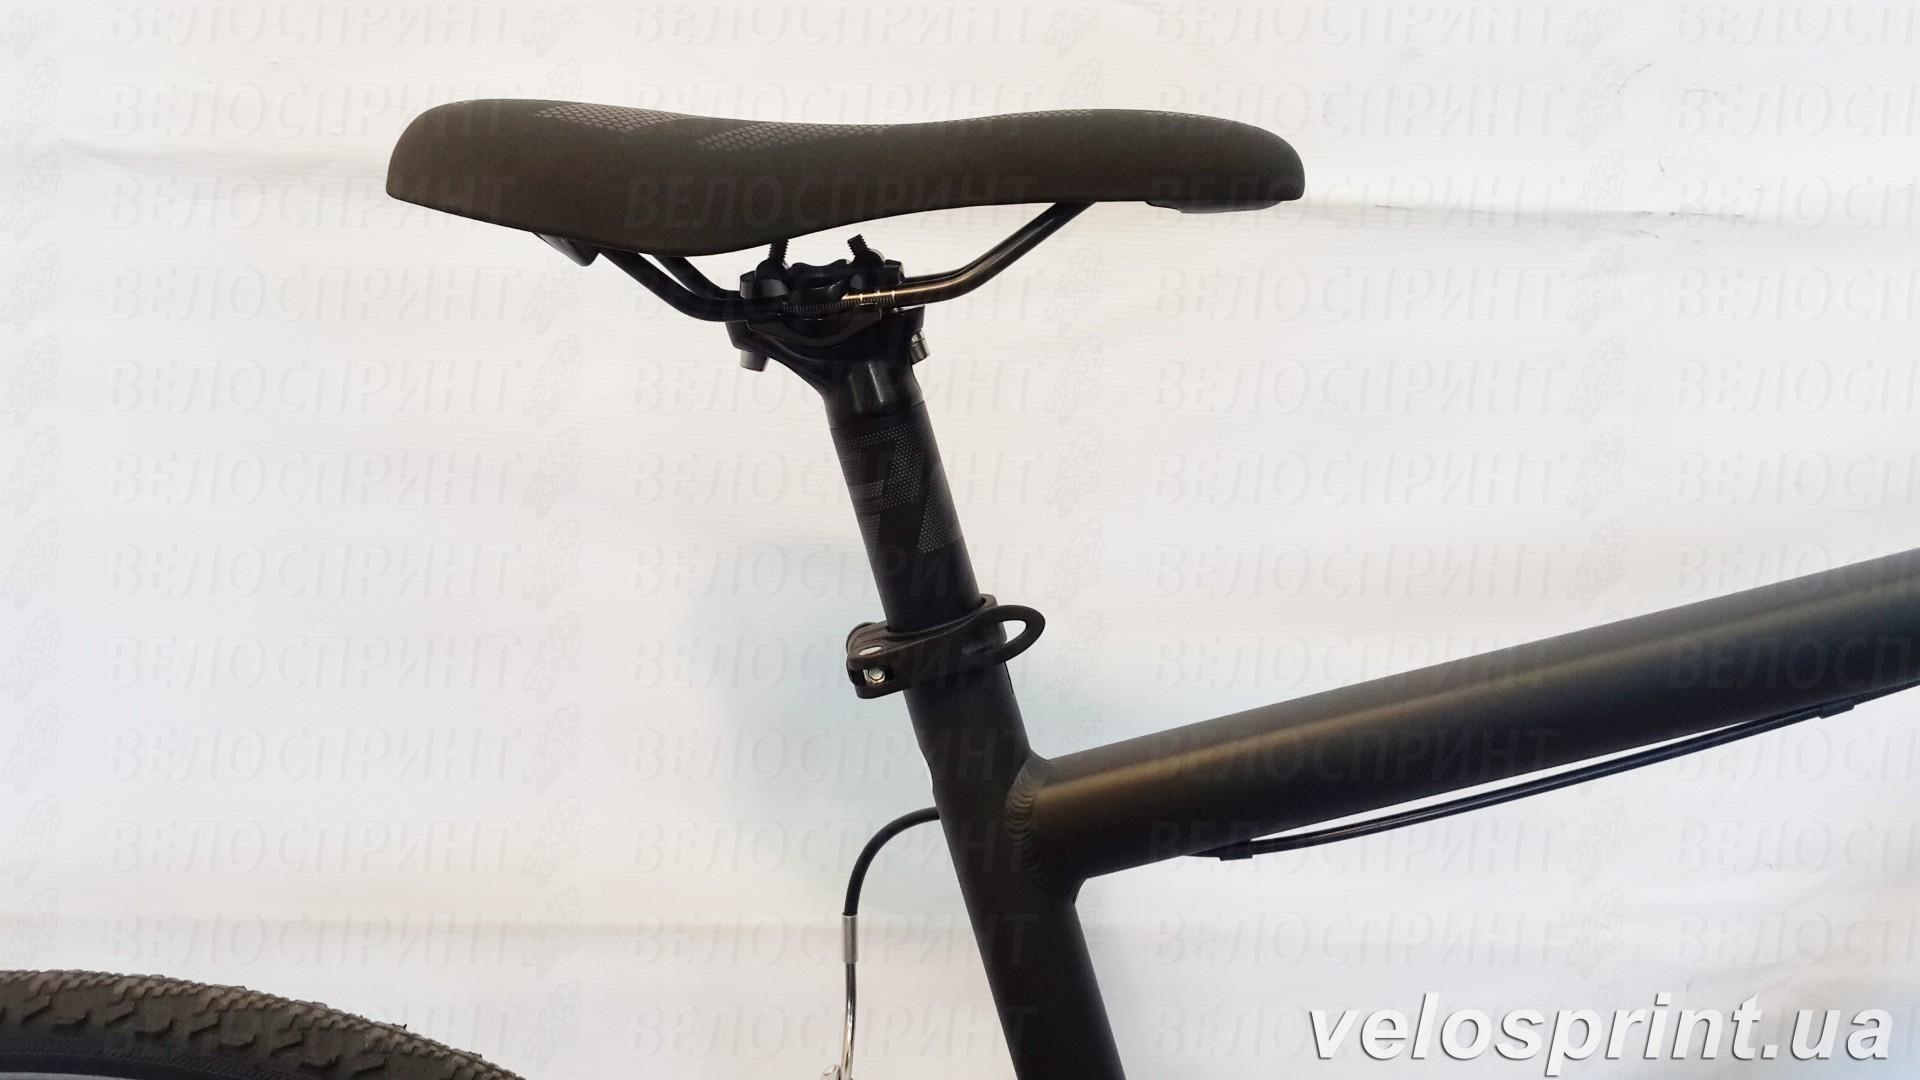 Велосипед GHOST Square Cross 2 black/lightblue подседельный штырь год 2016